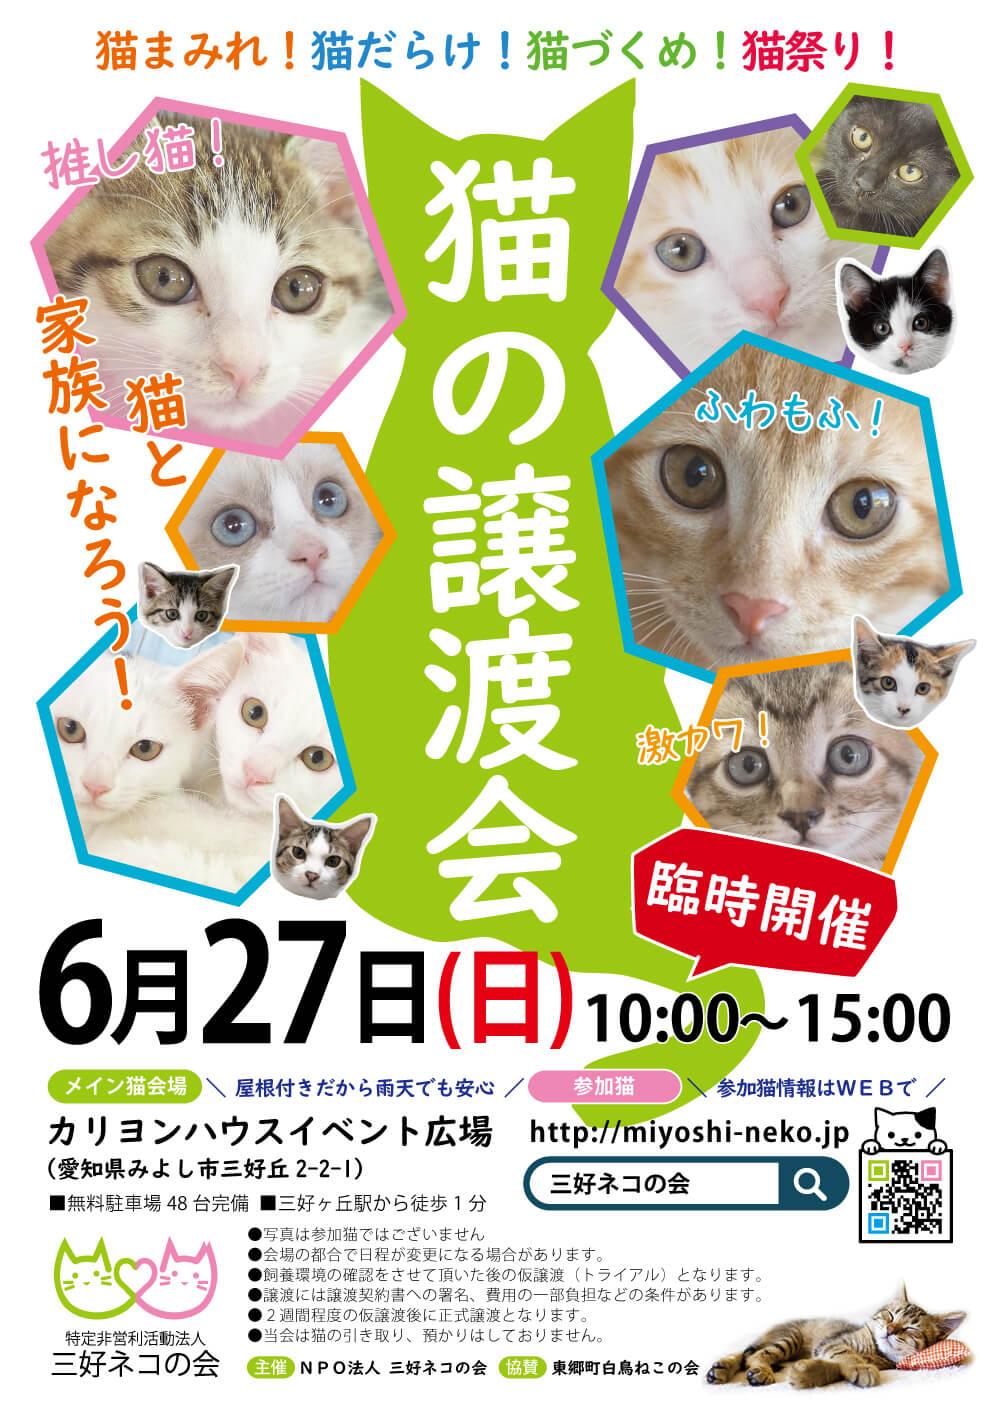 子猫いっぱい24匹の譲渡会/愛知県みよし市